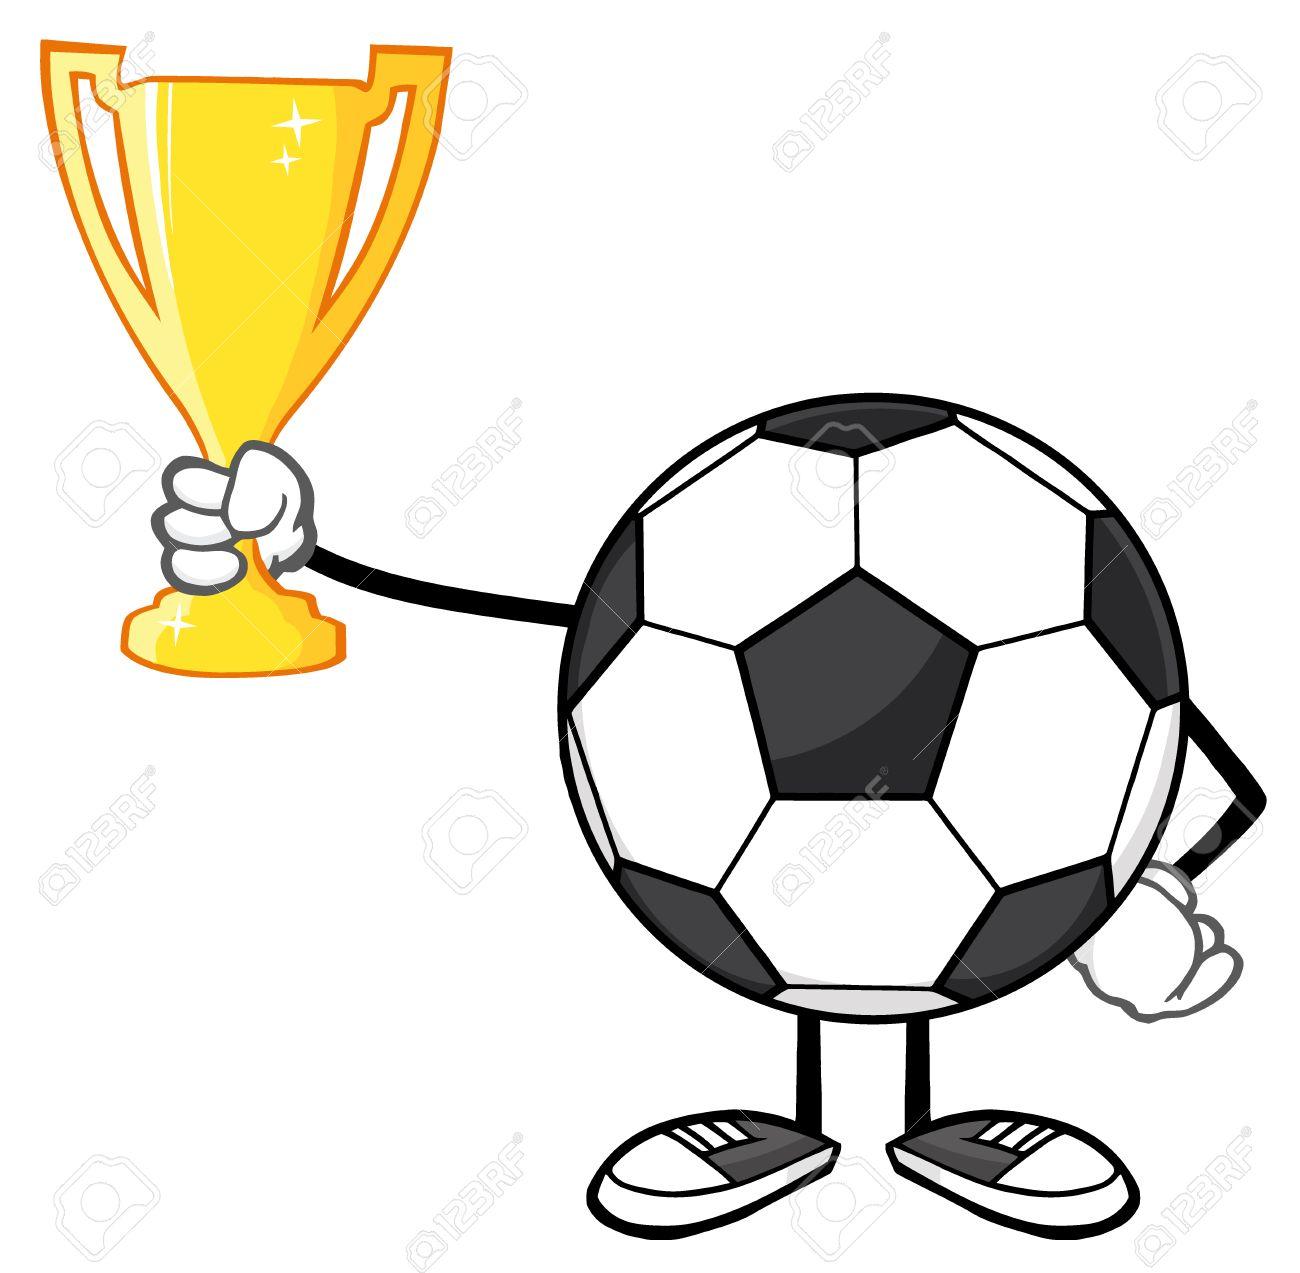 Foto de archivo - Personaje de dibujos animados del balón de fútbol  Sostiene Un Trofeo de la Copa de Oro b6c39dbd46017